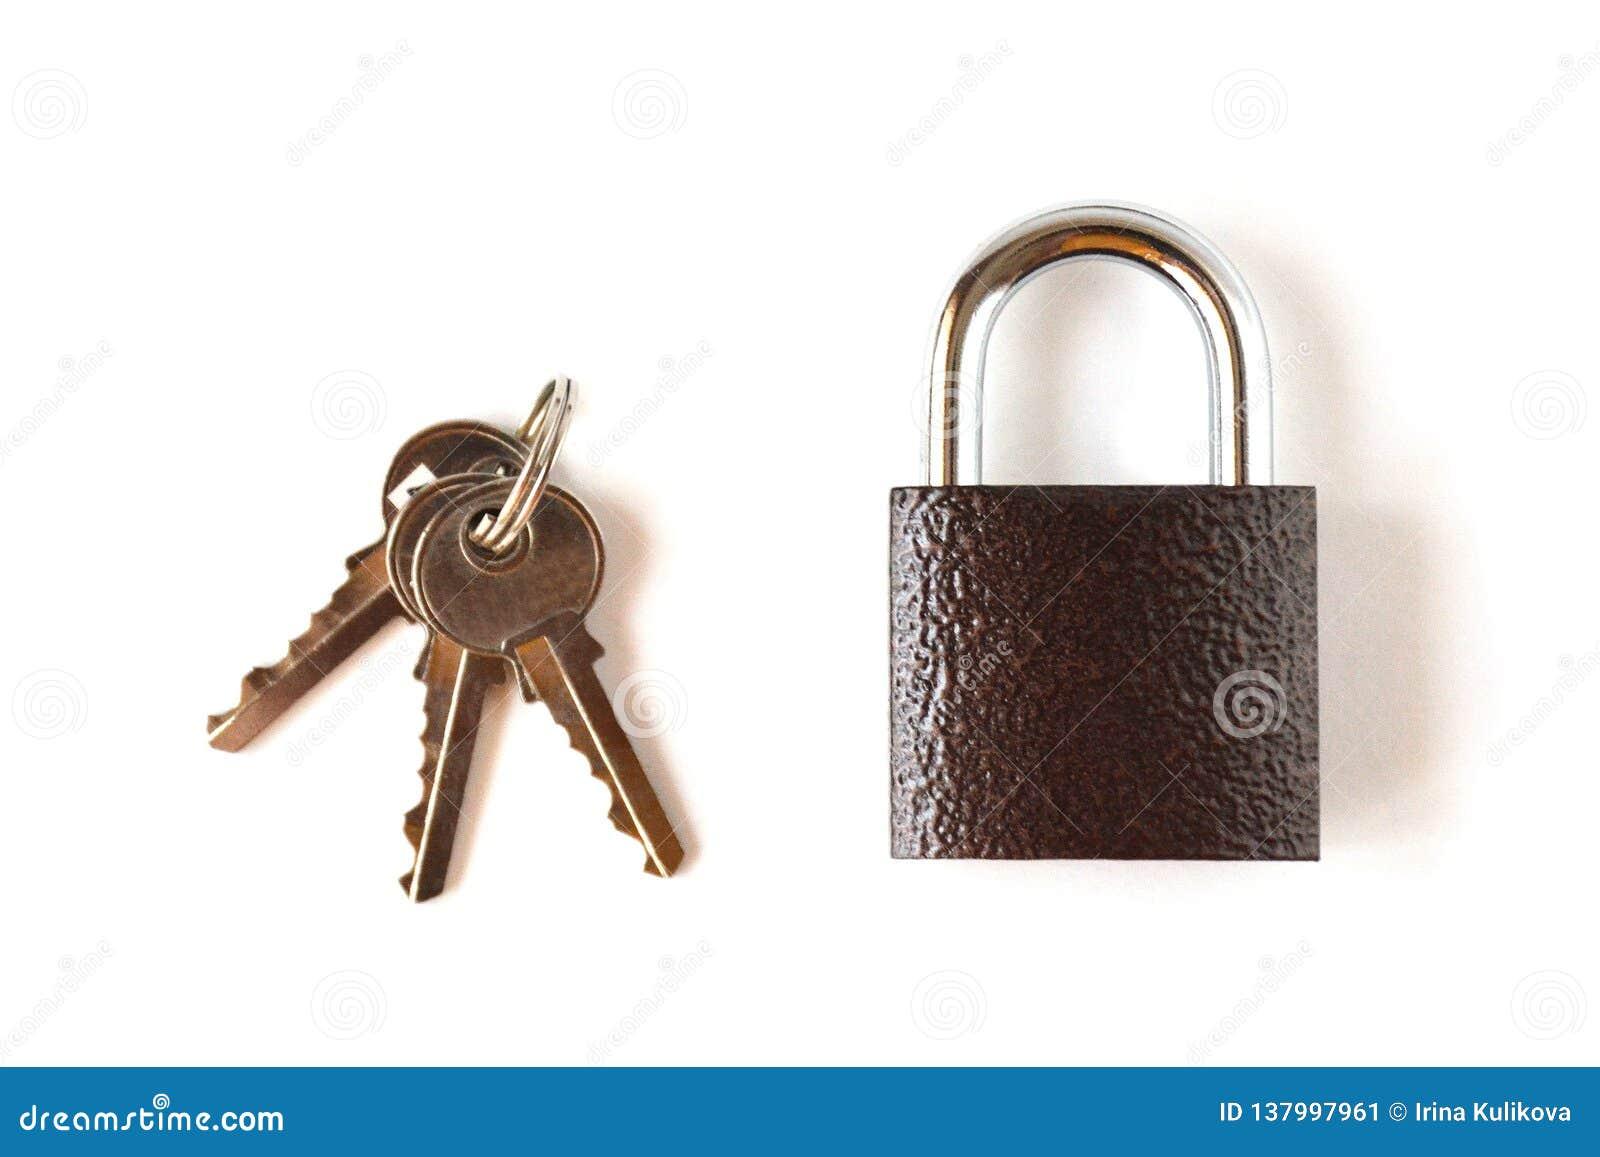 Isolerad låst textural brun hänglås med en grupp av tre tangenter på en vit bakgrund